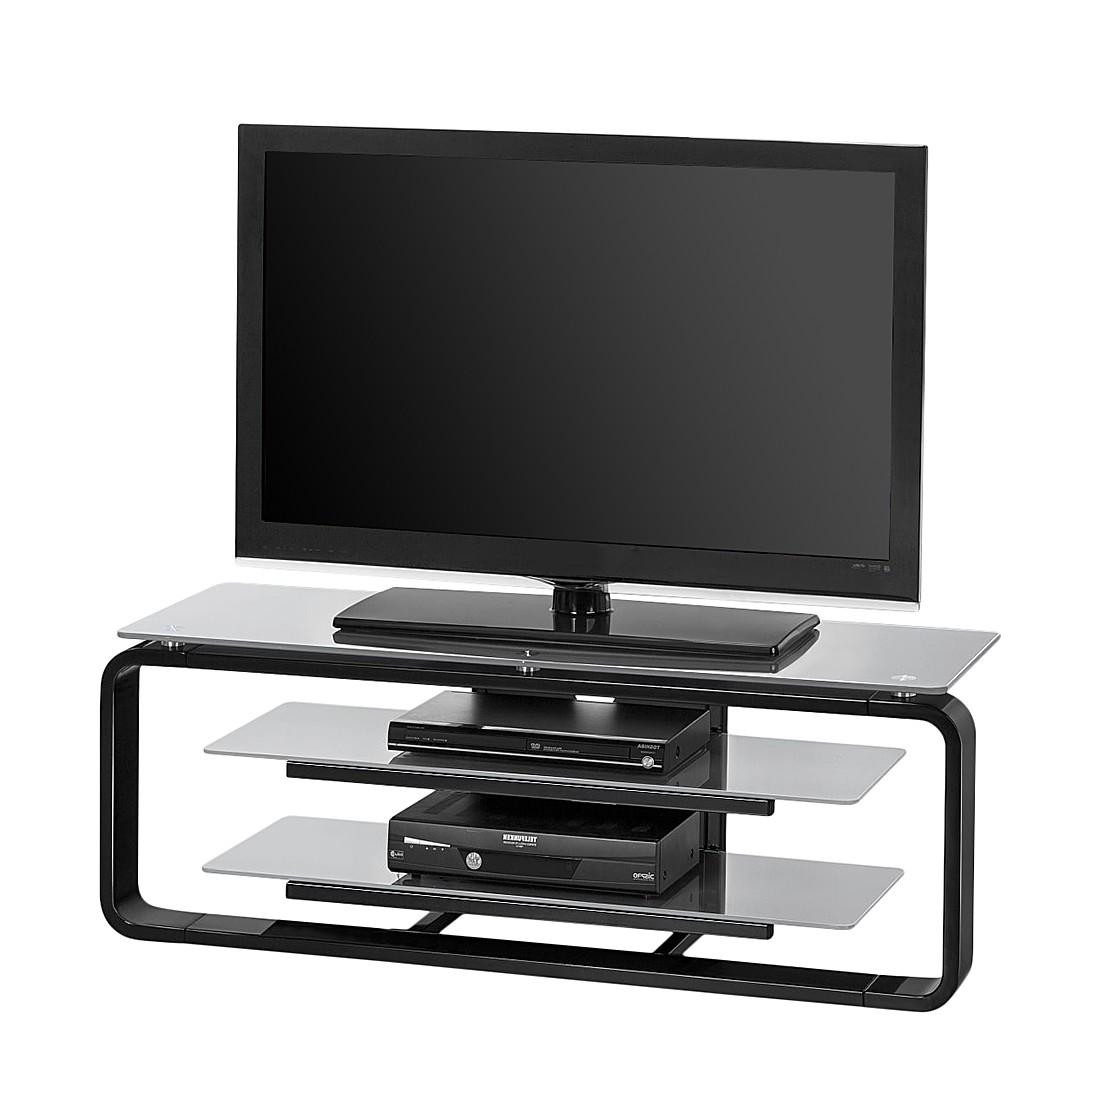 tv rack jared i schwarz glas platingrau 110 cm tv board schrank tisch regal ebay. Black Bedroom Furniture Sets. Home Design Ideas